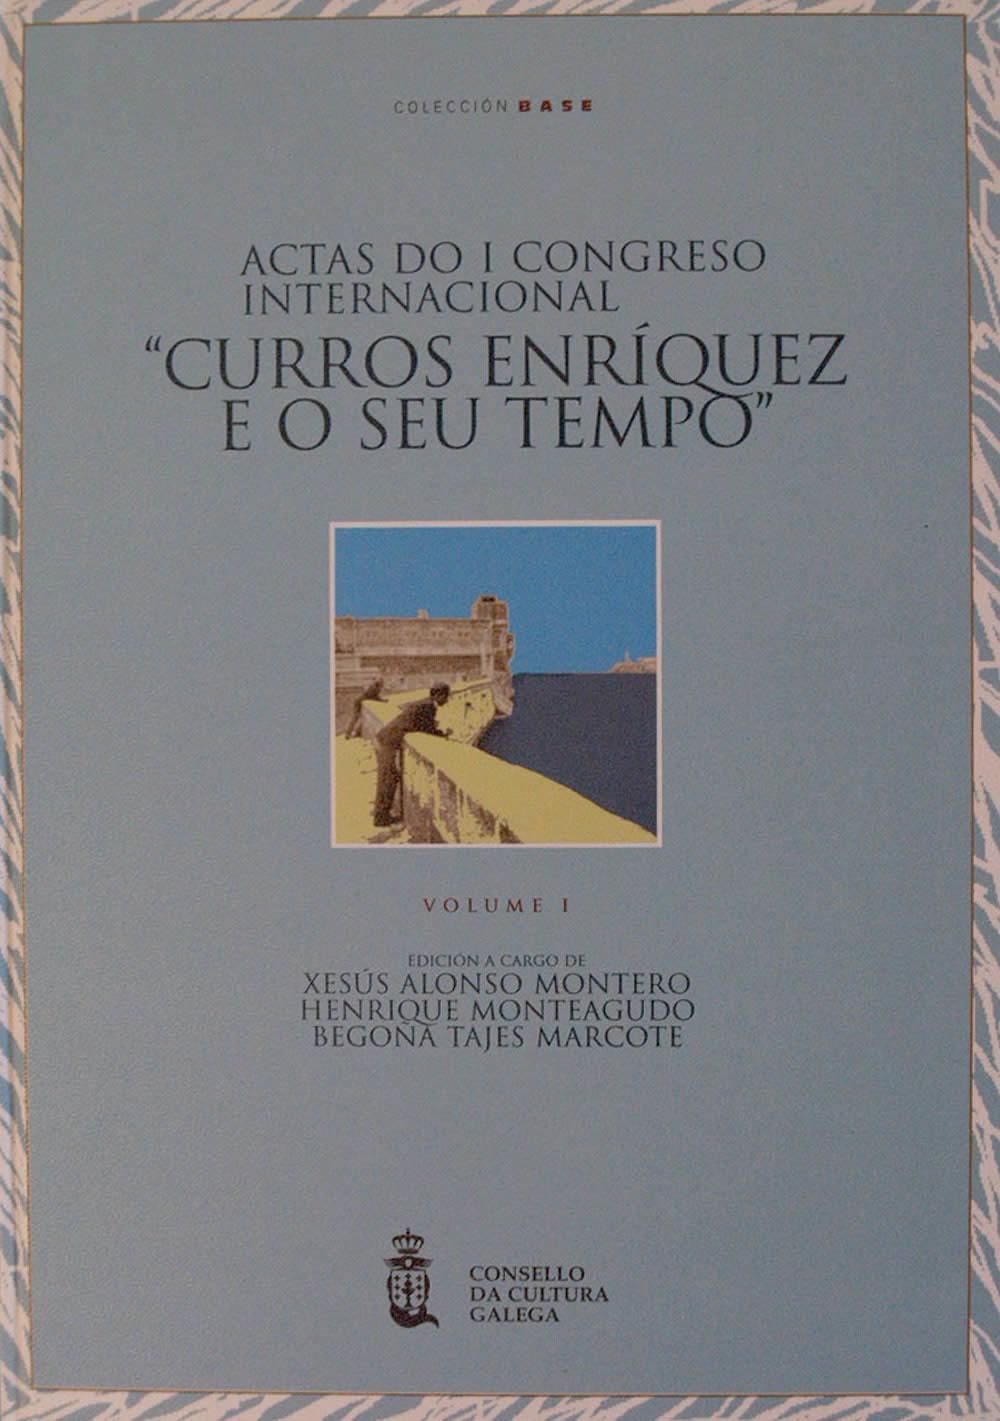 """Portada de  Actas do I Congreso Internacional """"Curros Enríquez e o Seu Tempo"""" (V.1)"""